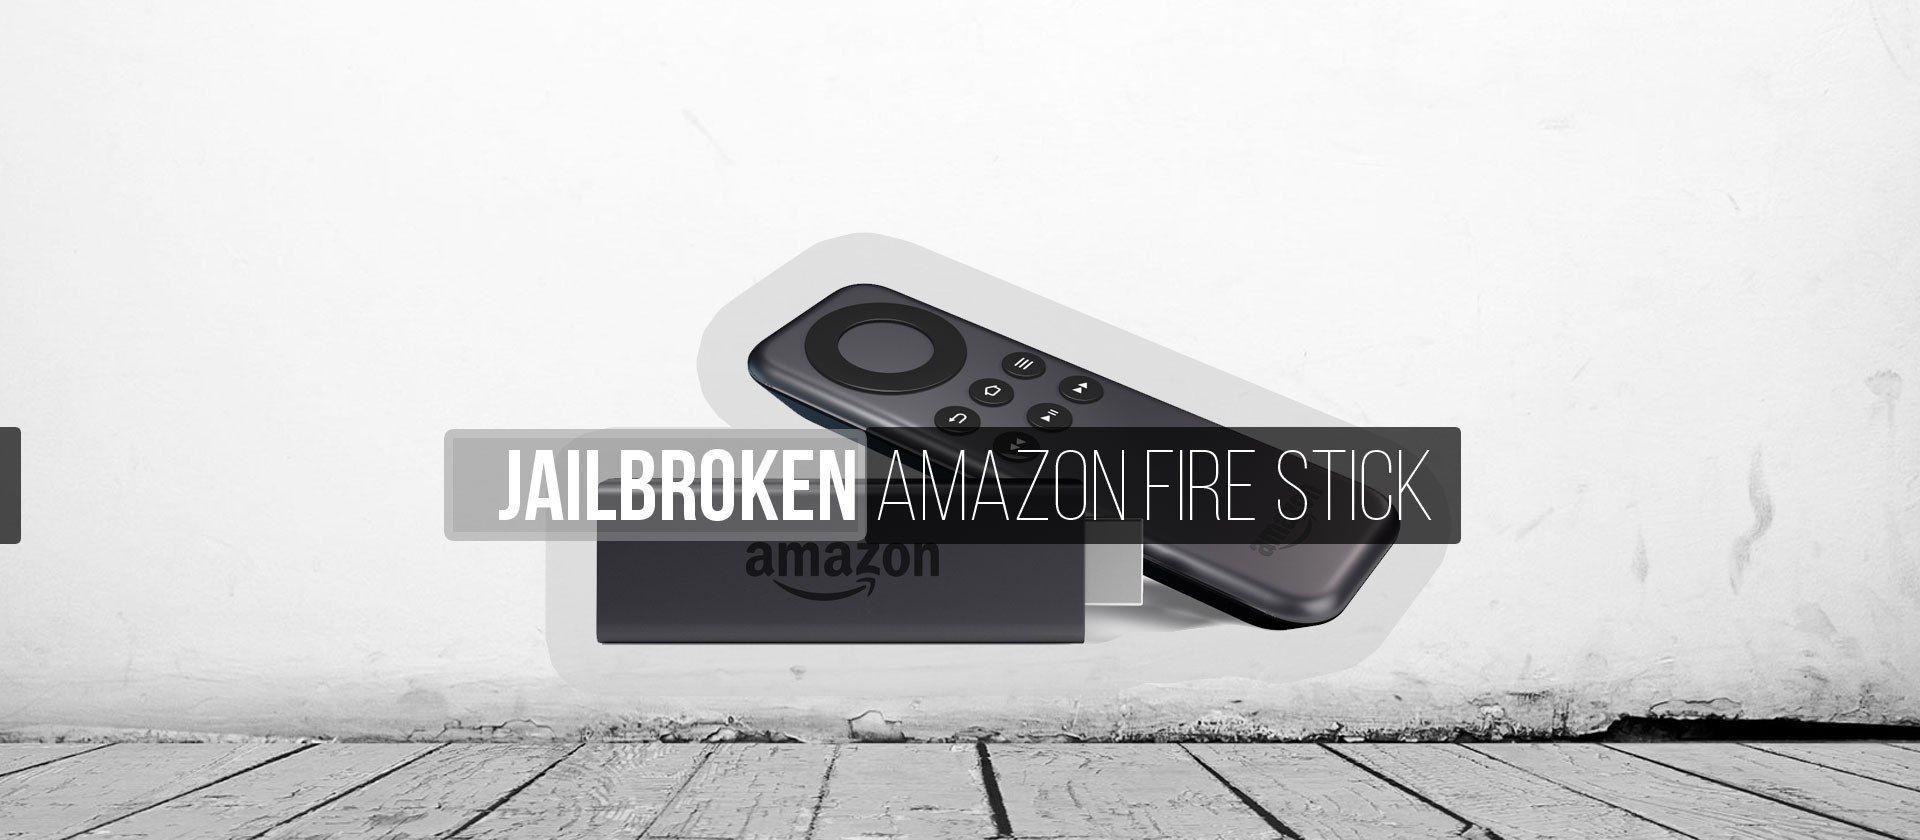 FirestickAmazon amazon fire stick jailbreak